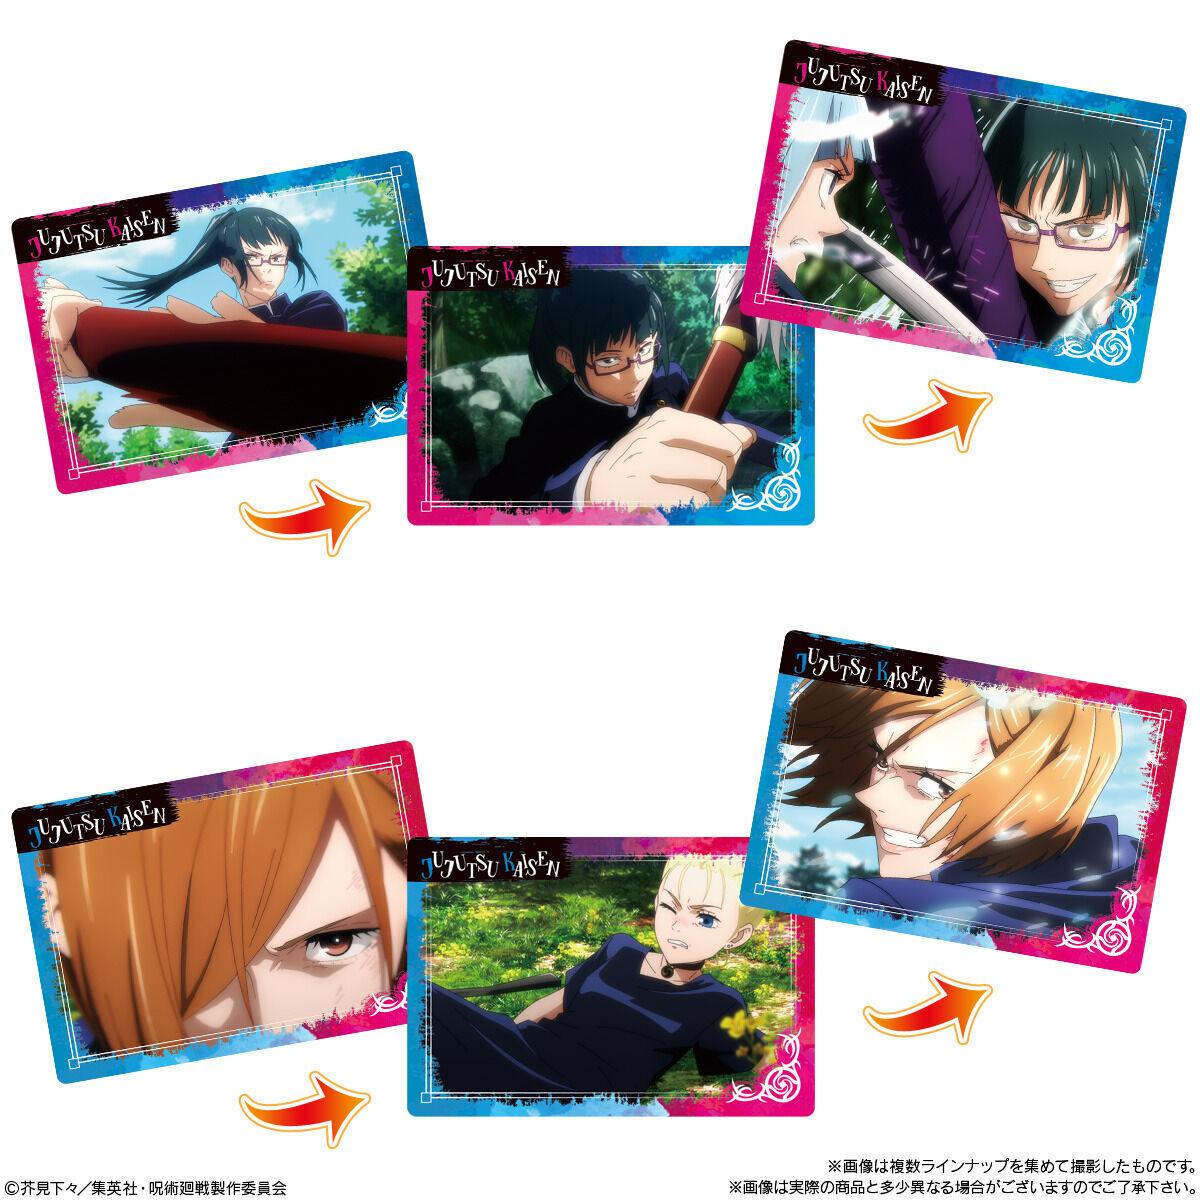 【食玩】呪術廻戦『呪術廻戦 PLAY BACKカードチョコスナック2』10個入りBOX-005